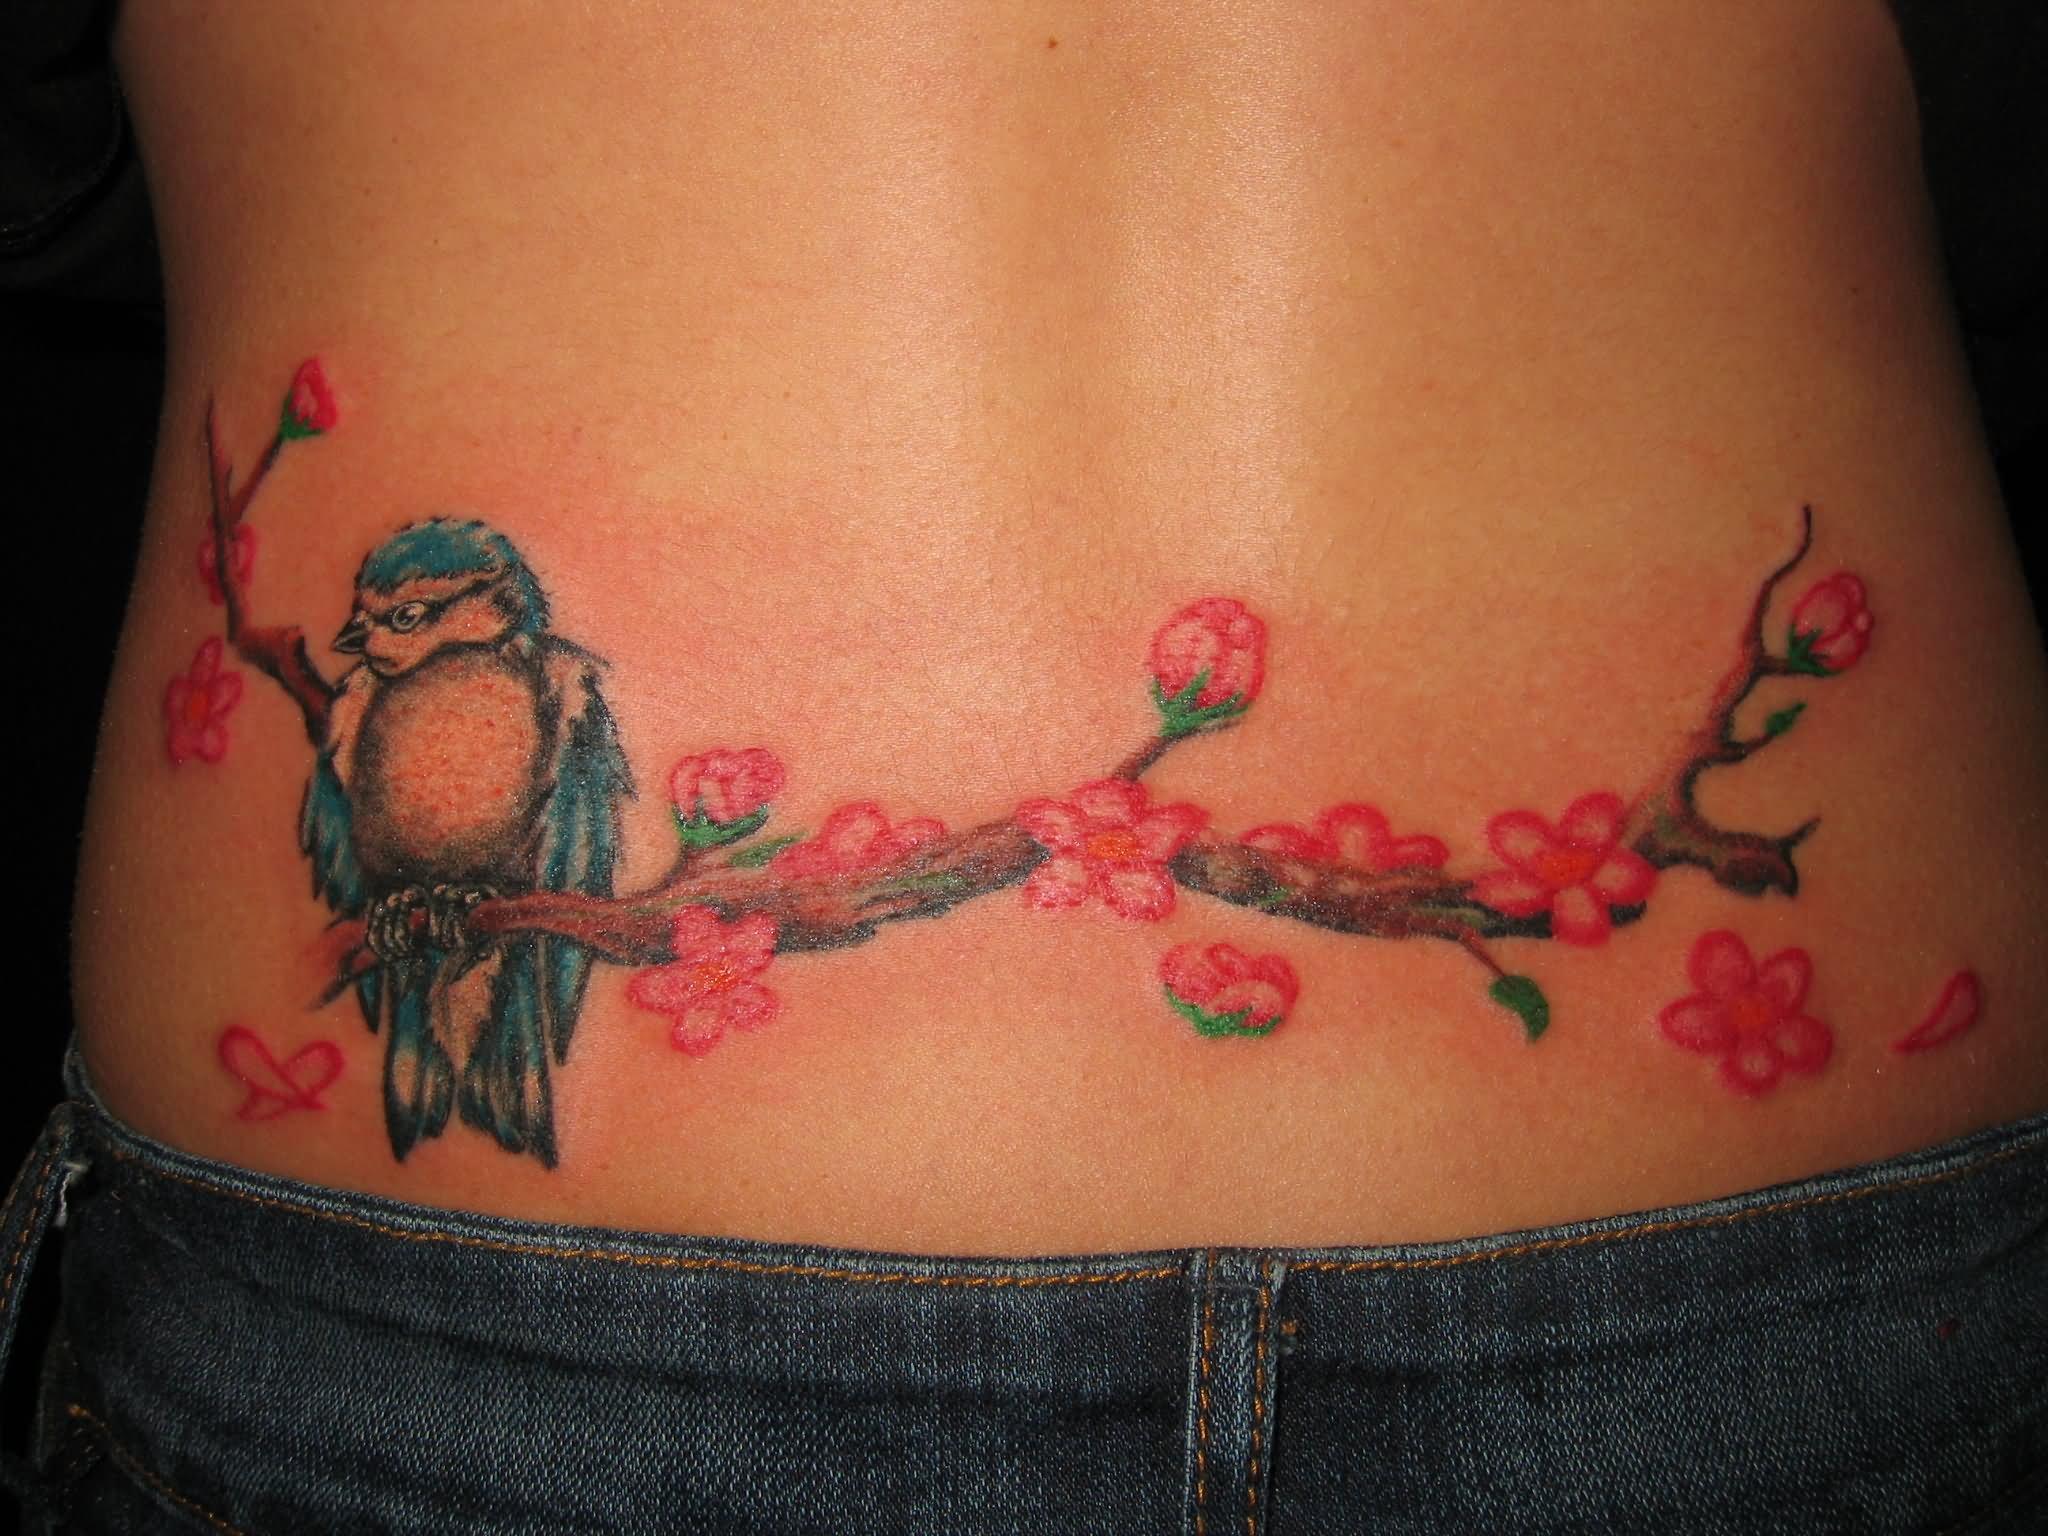 41ee2d280 Sparrow Sit On Cherry Blossom Tree Tattoo On Waist